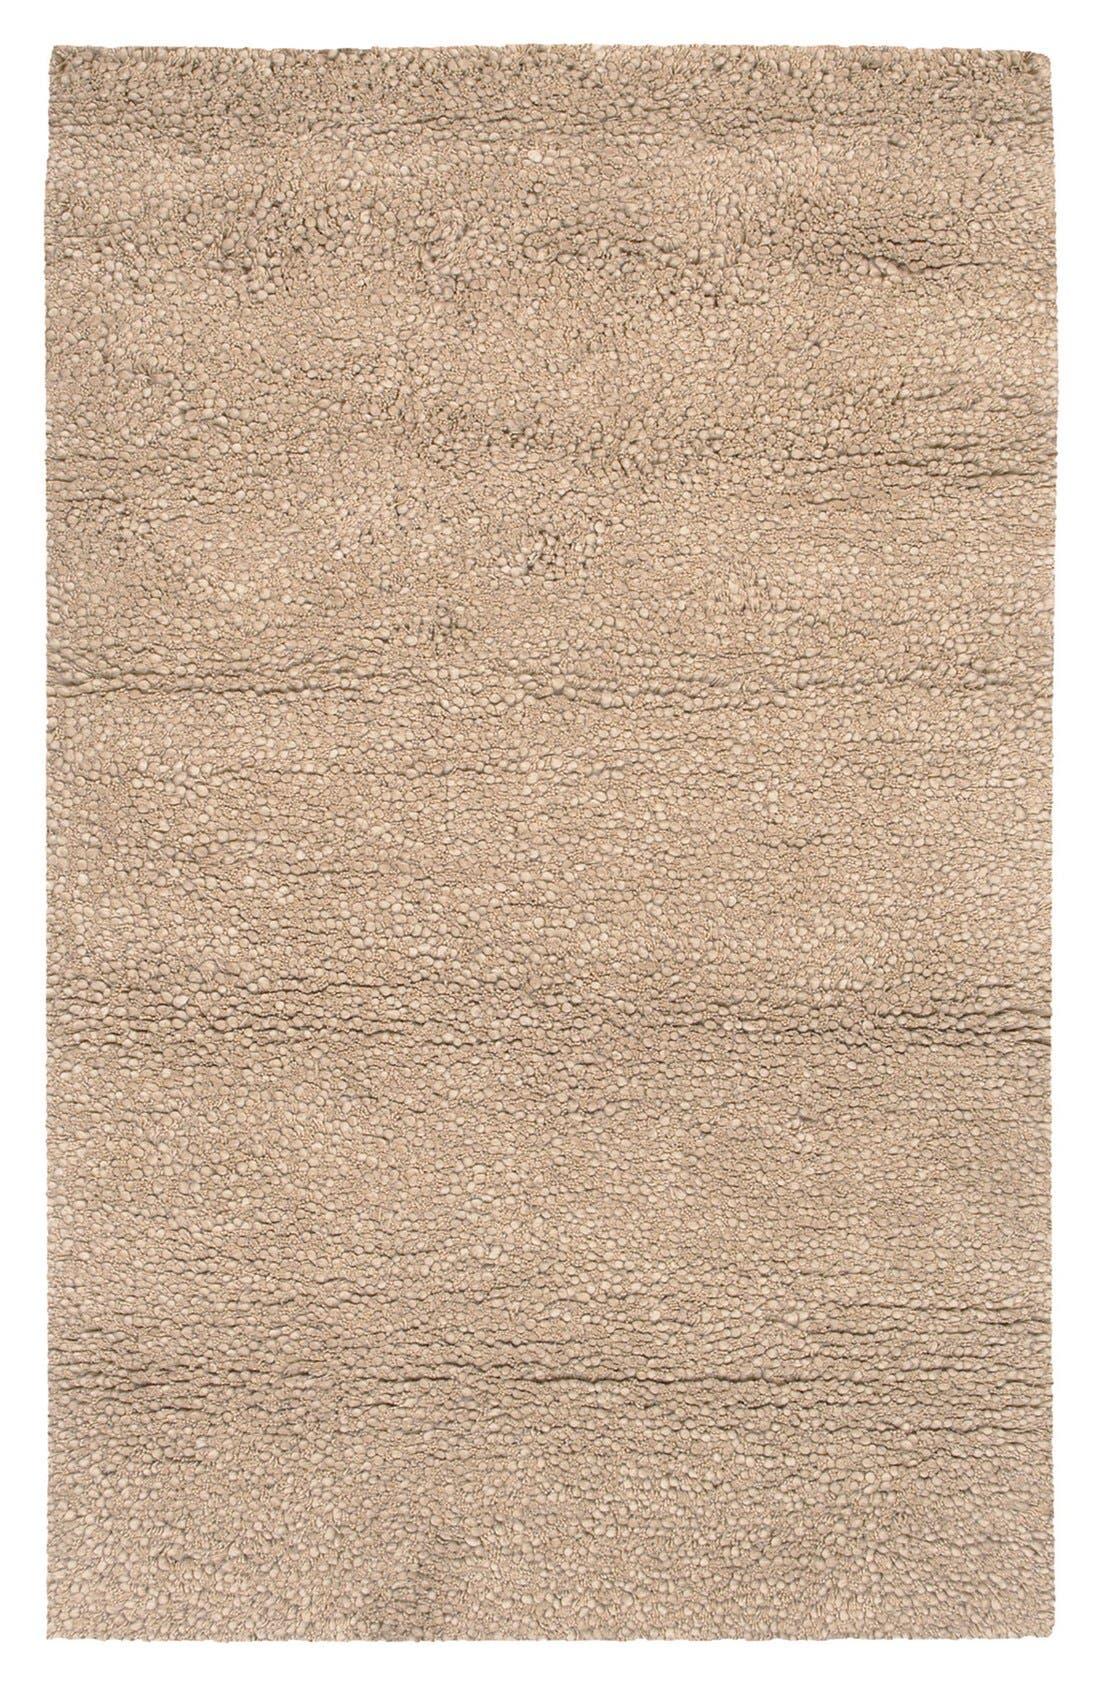 SURYA HOME 'Metropolitan' Wool Rug